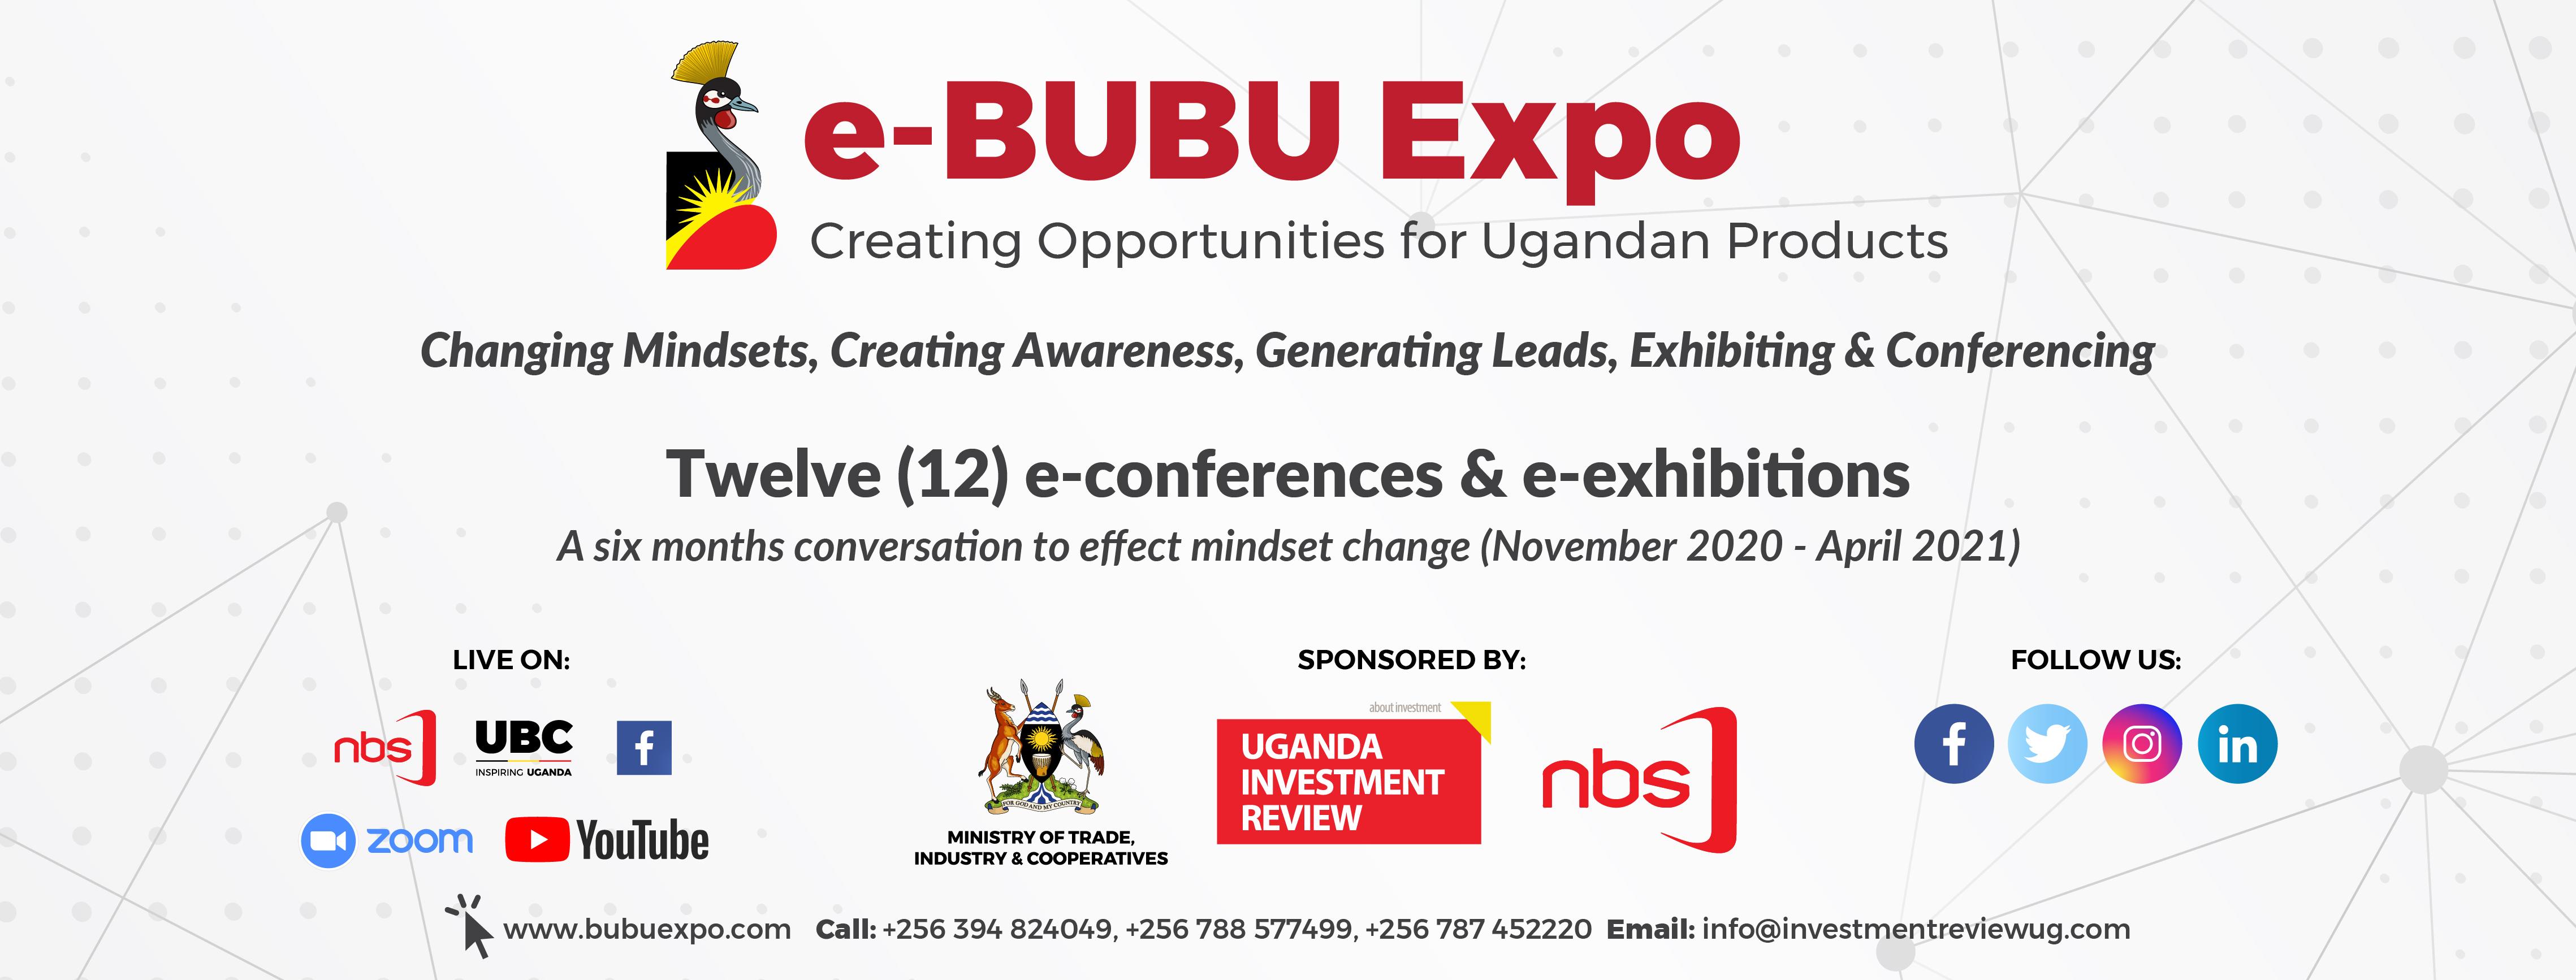 Buy Uganda, Build Uganda (BUBU)